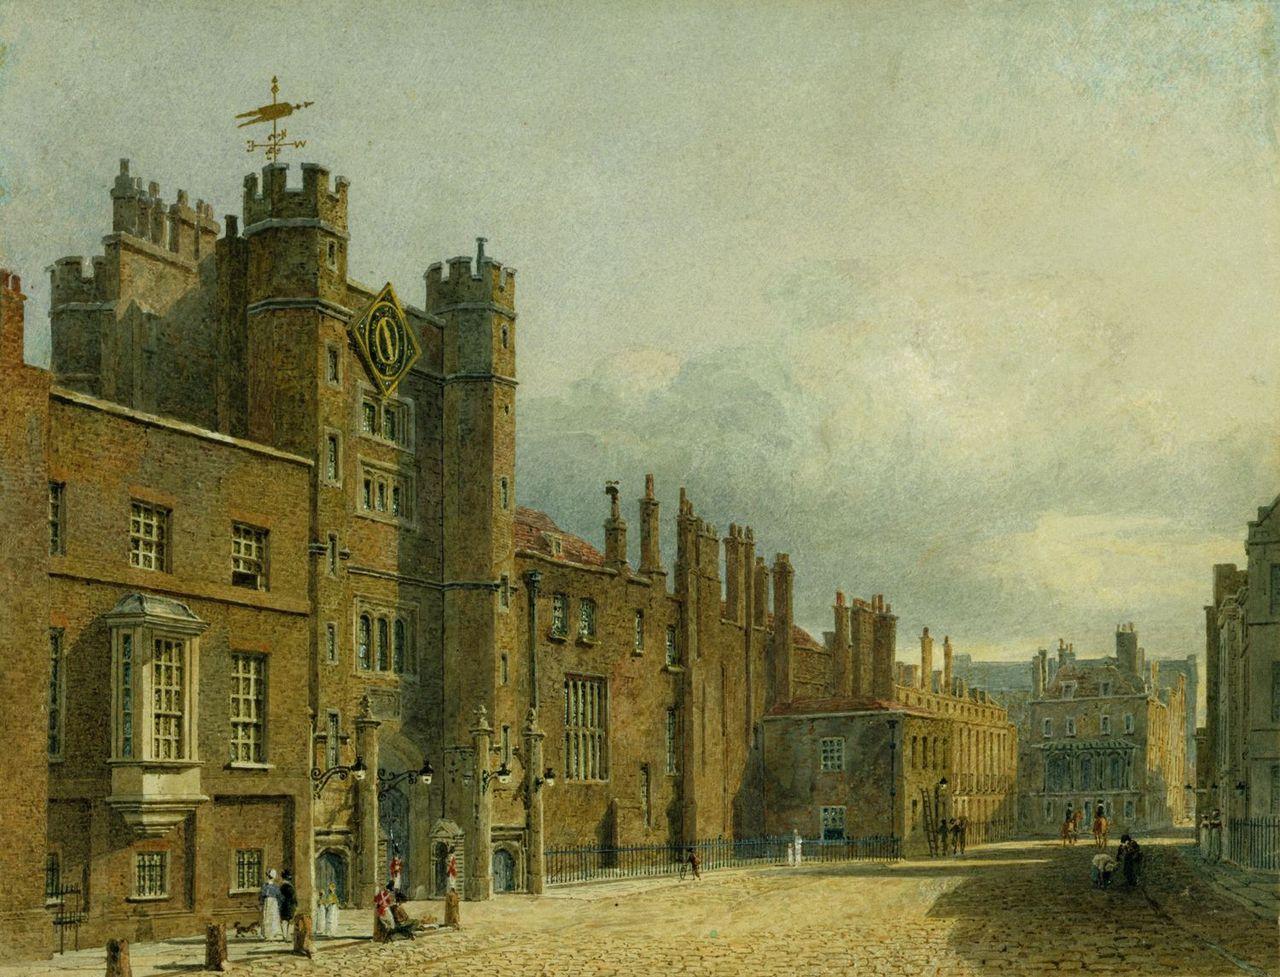 Сент - Джеймсский дворец, Северный фасад, Чарльз Уайлд, 1819- royal coll 922161 257088 ORI 0.jpg